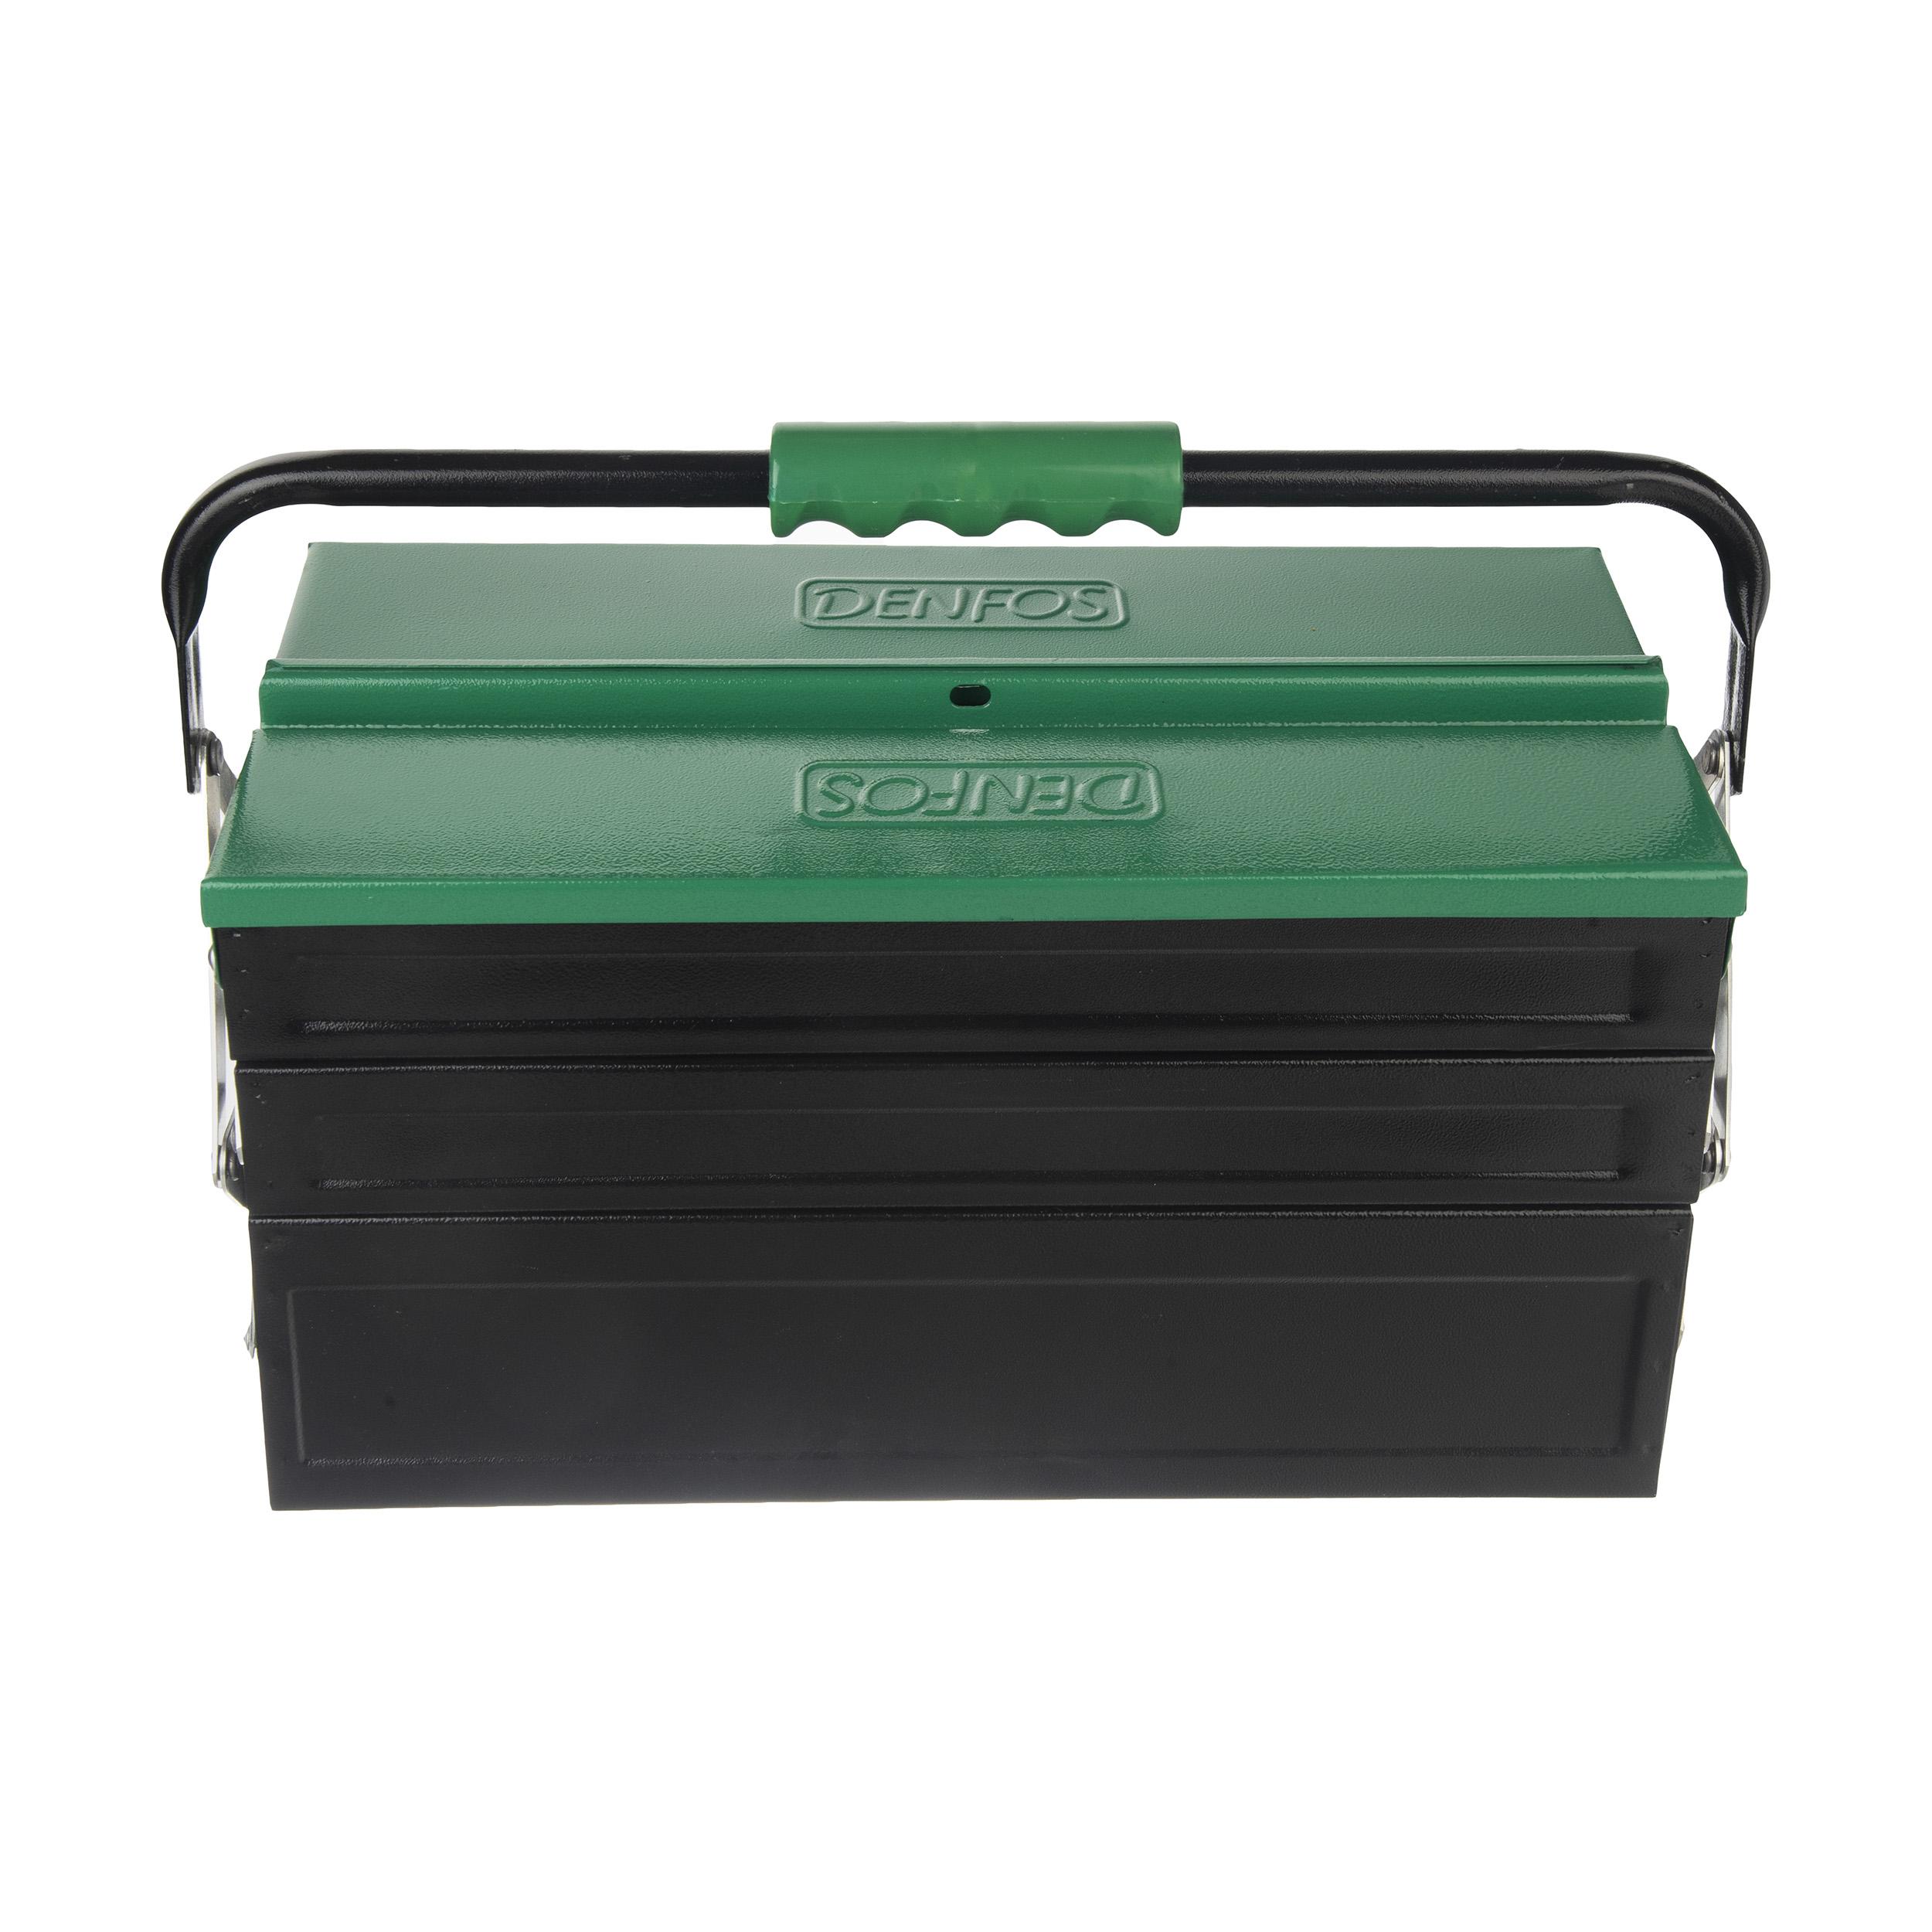 جعبه ابزار دنفوس مدل 403